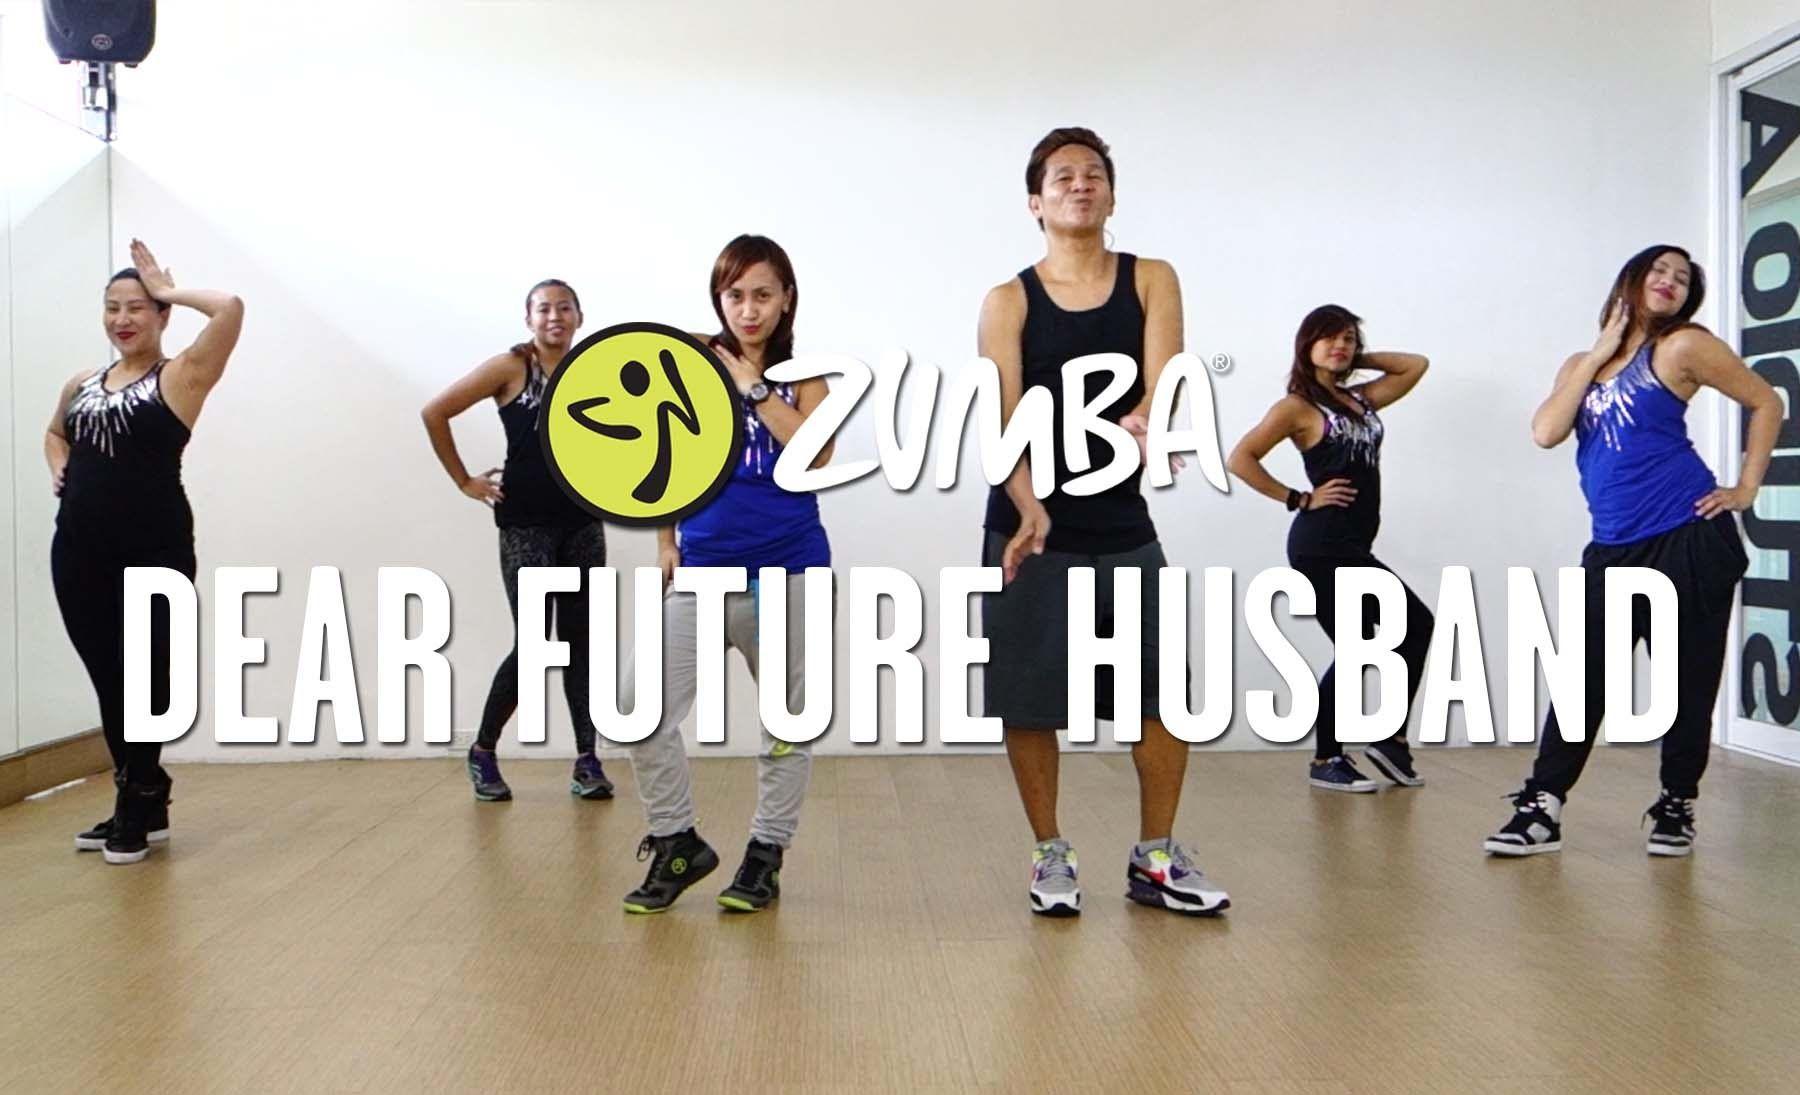 Zumba Dance Workout Routine weight loss - Zumba Fitness ...